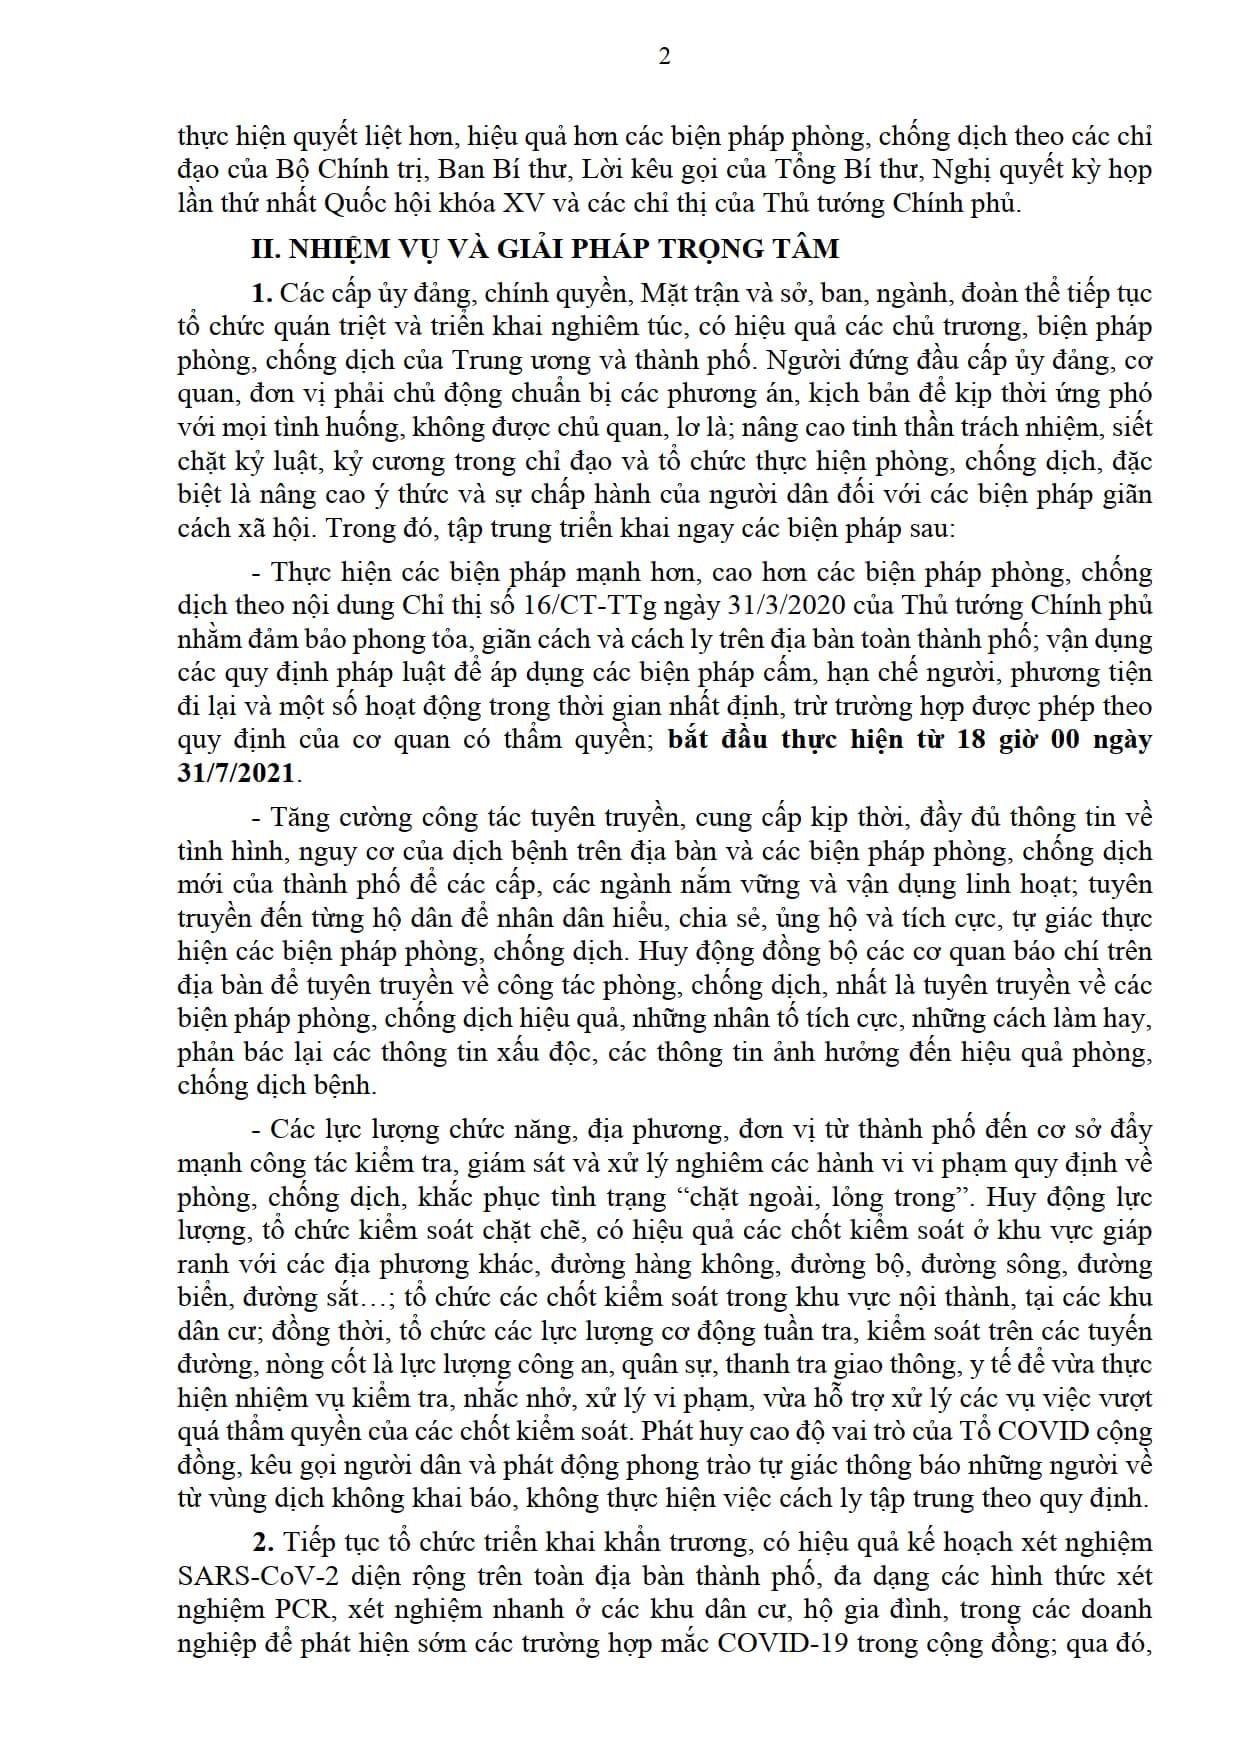 Da Nang Thuc Hien Cac Bien Phap Phong Chong Dich Manh Hon Cao Hon Chi Thi 16 Ke Tu 18h Ngay 31 Thang 73